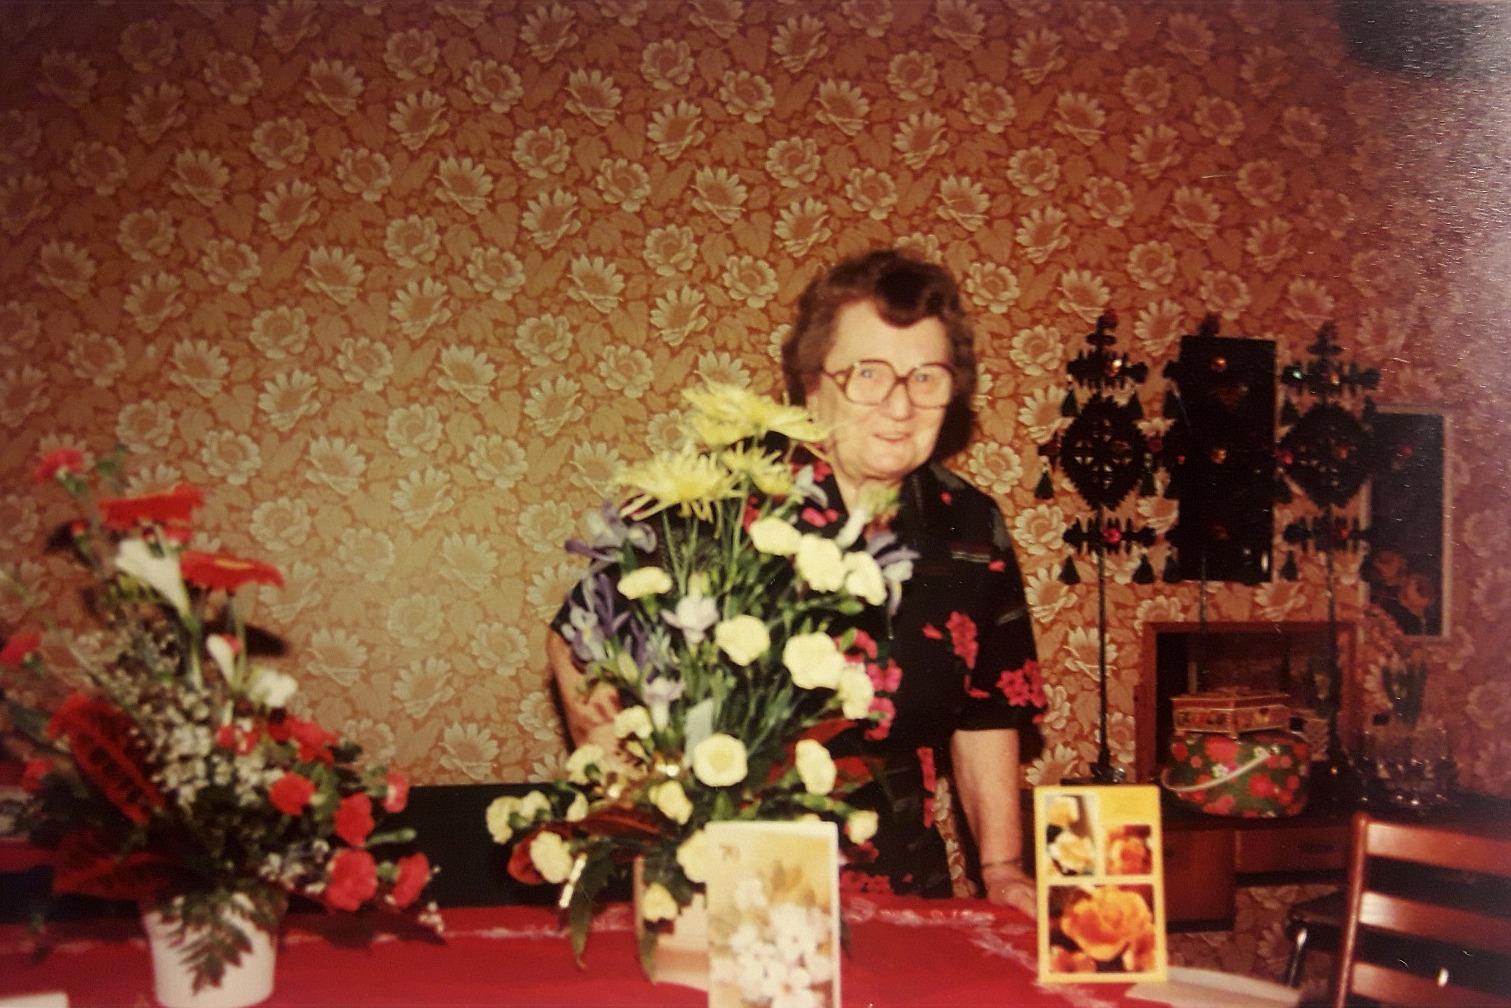 Ines Rosenback som här blir uppvaktad med blommor på en födelsedag.